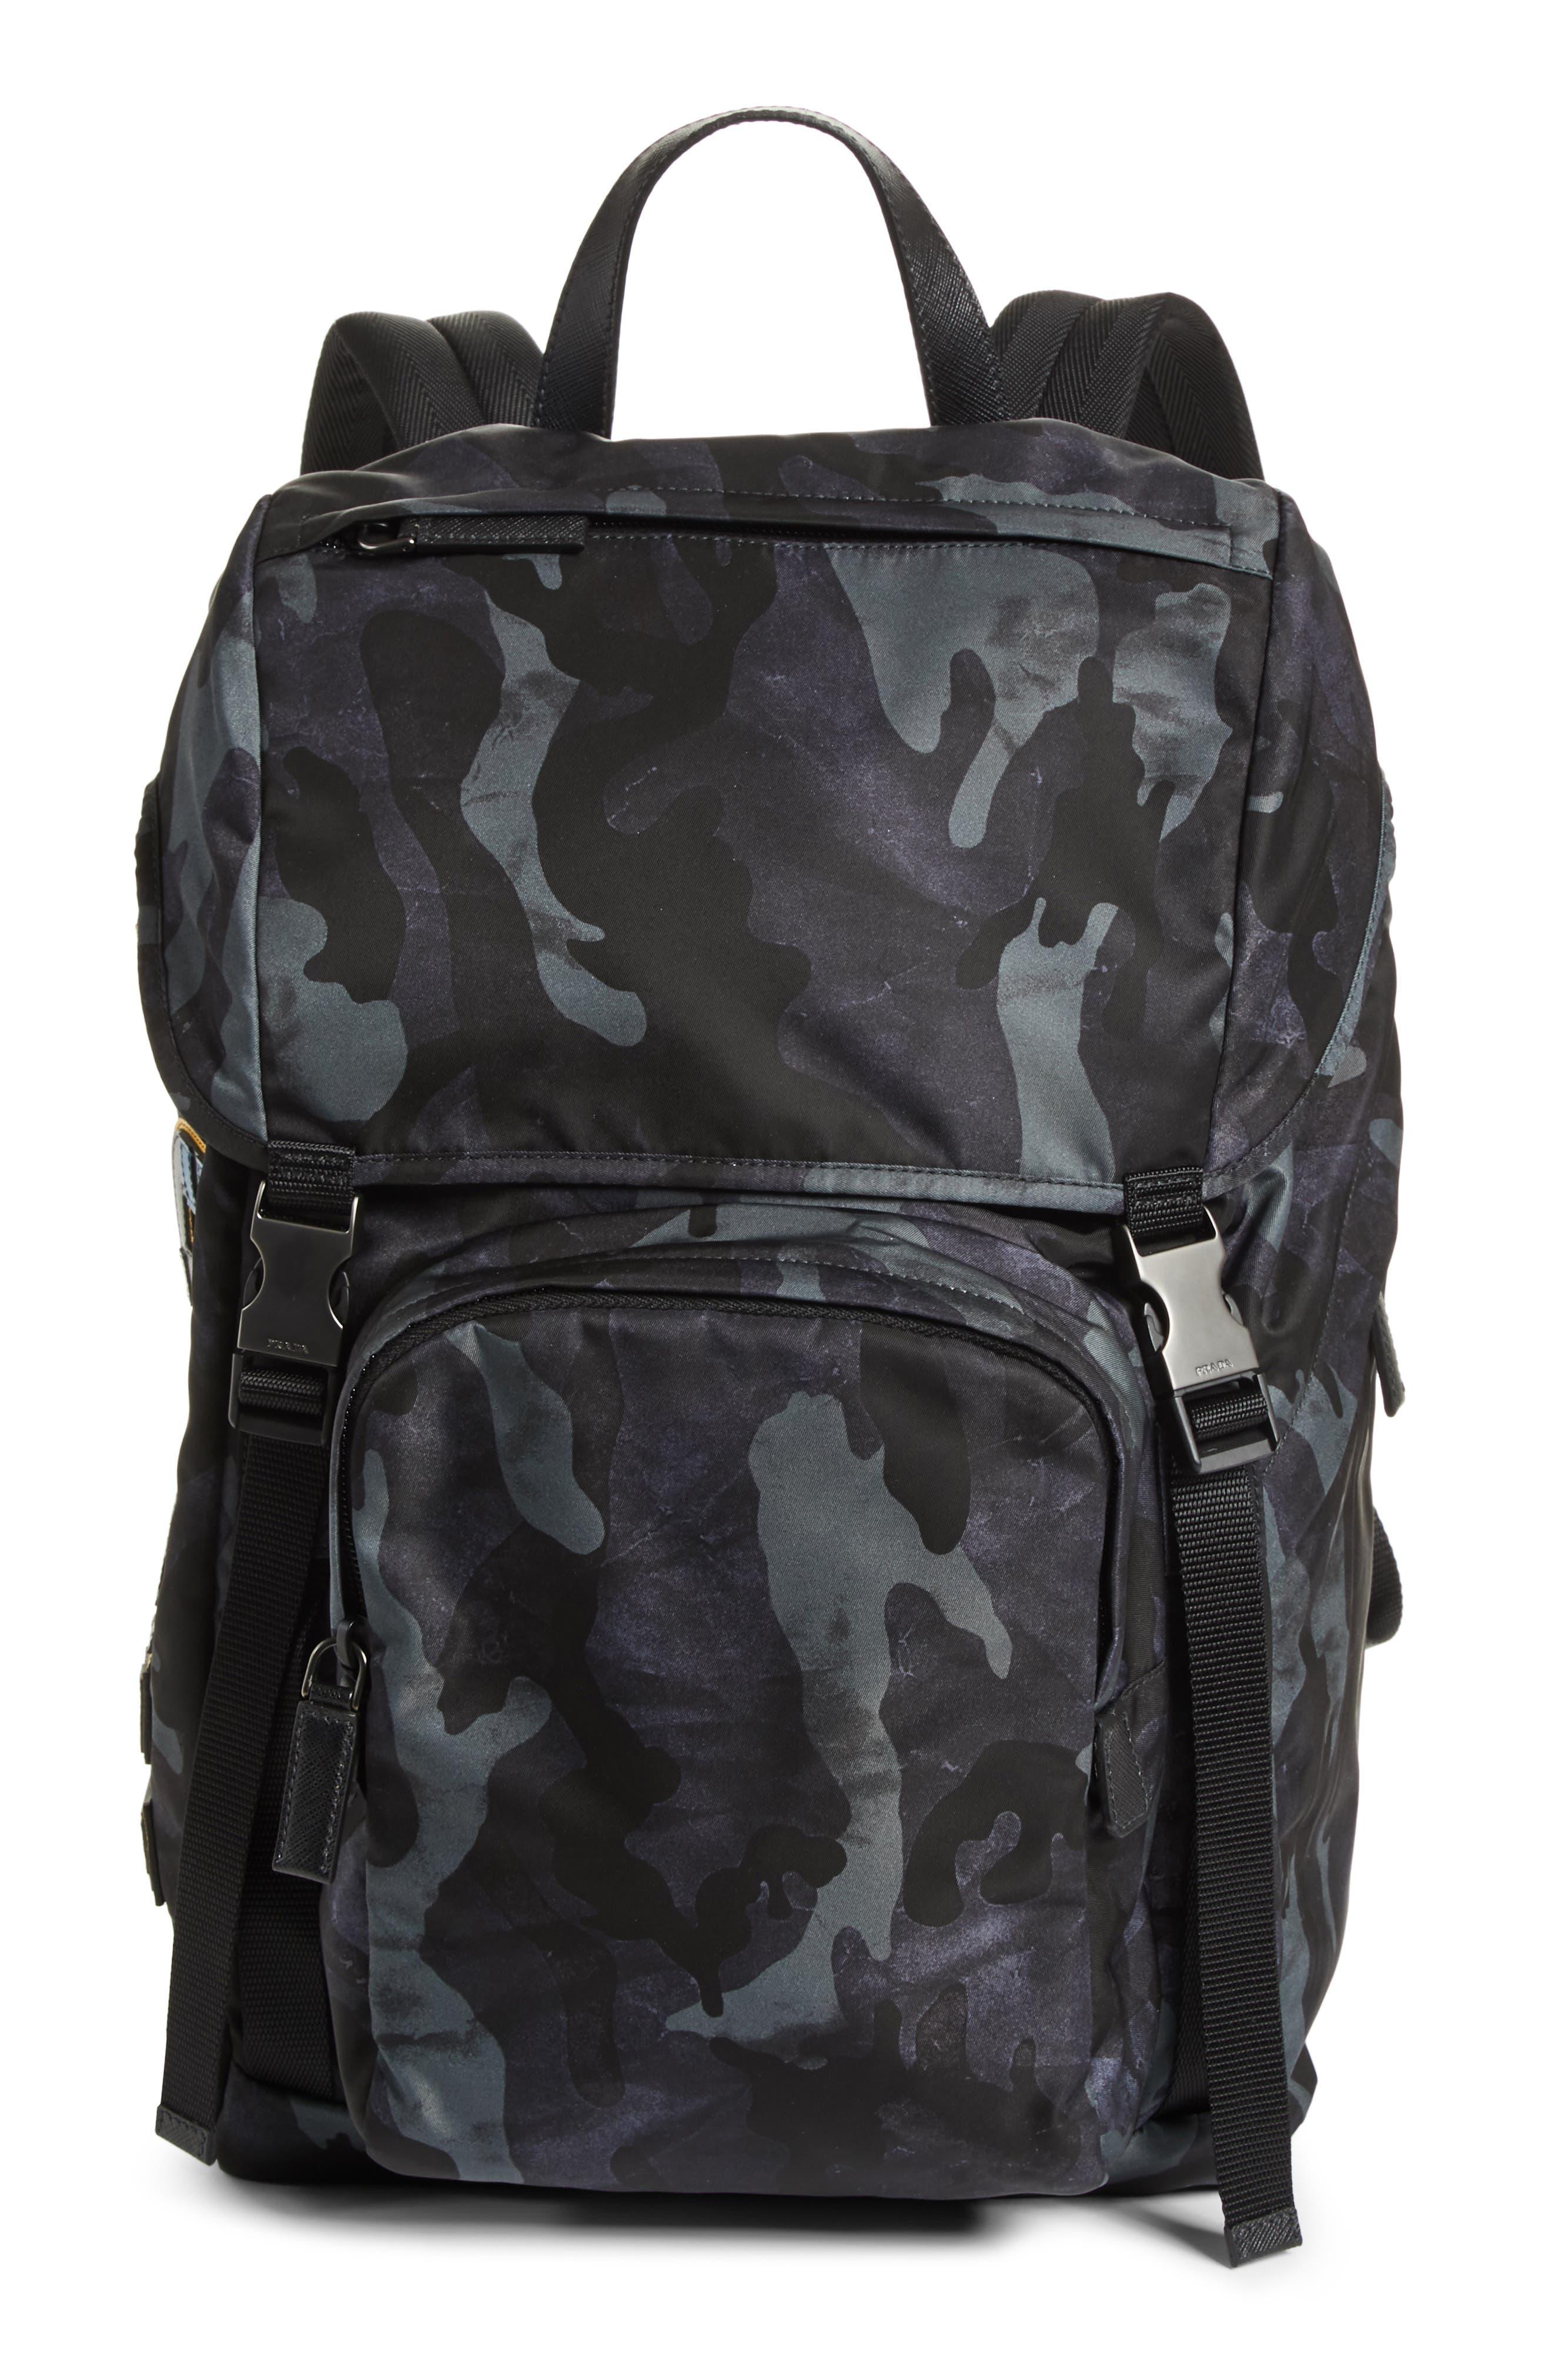 832fd217e7d4 coupon code for prada tessuto camo nylon backpack ce6c7 5556a